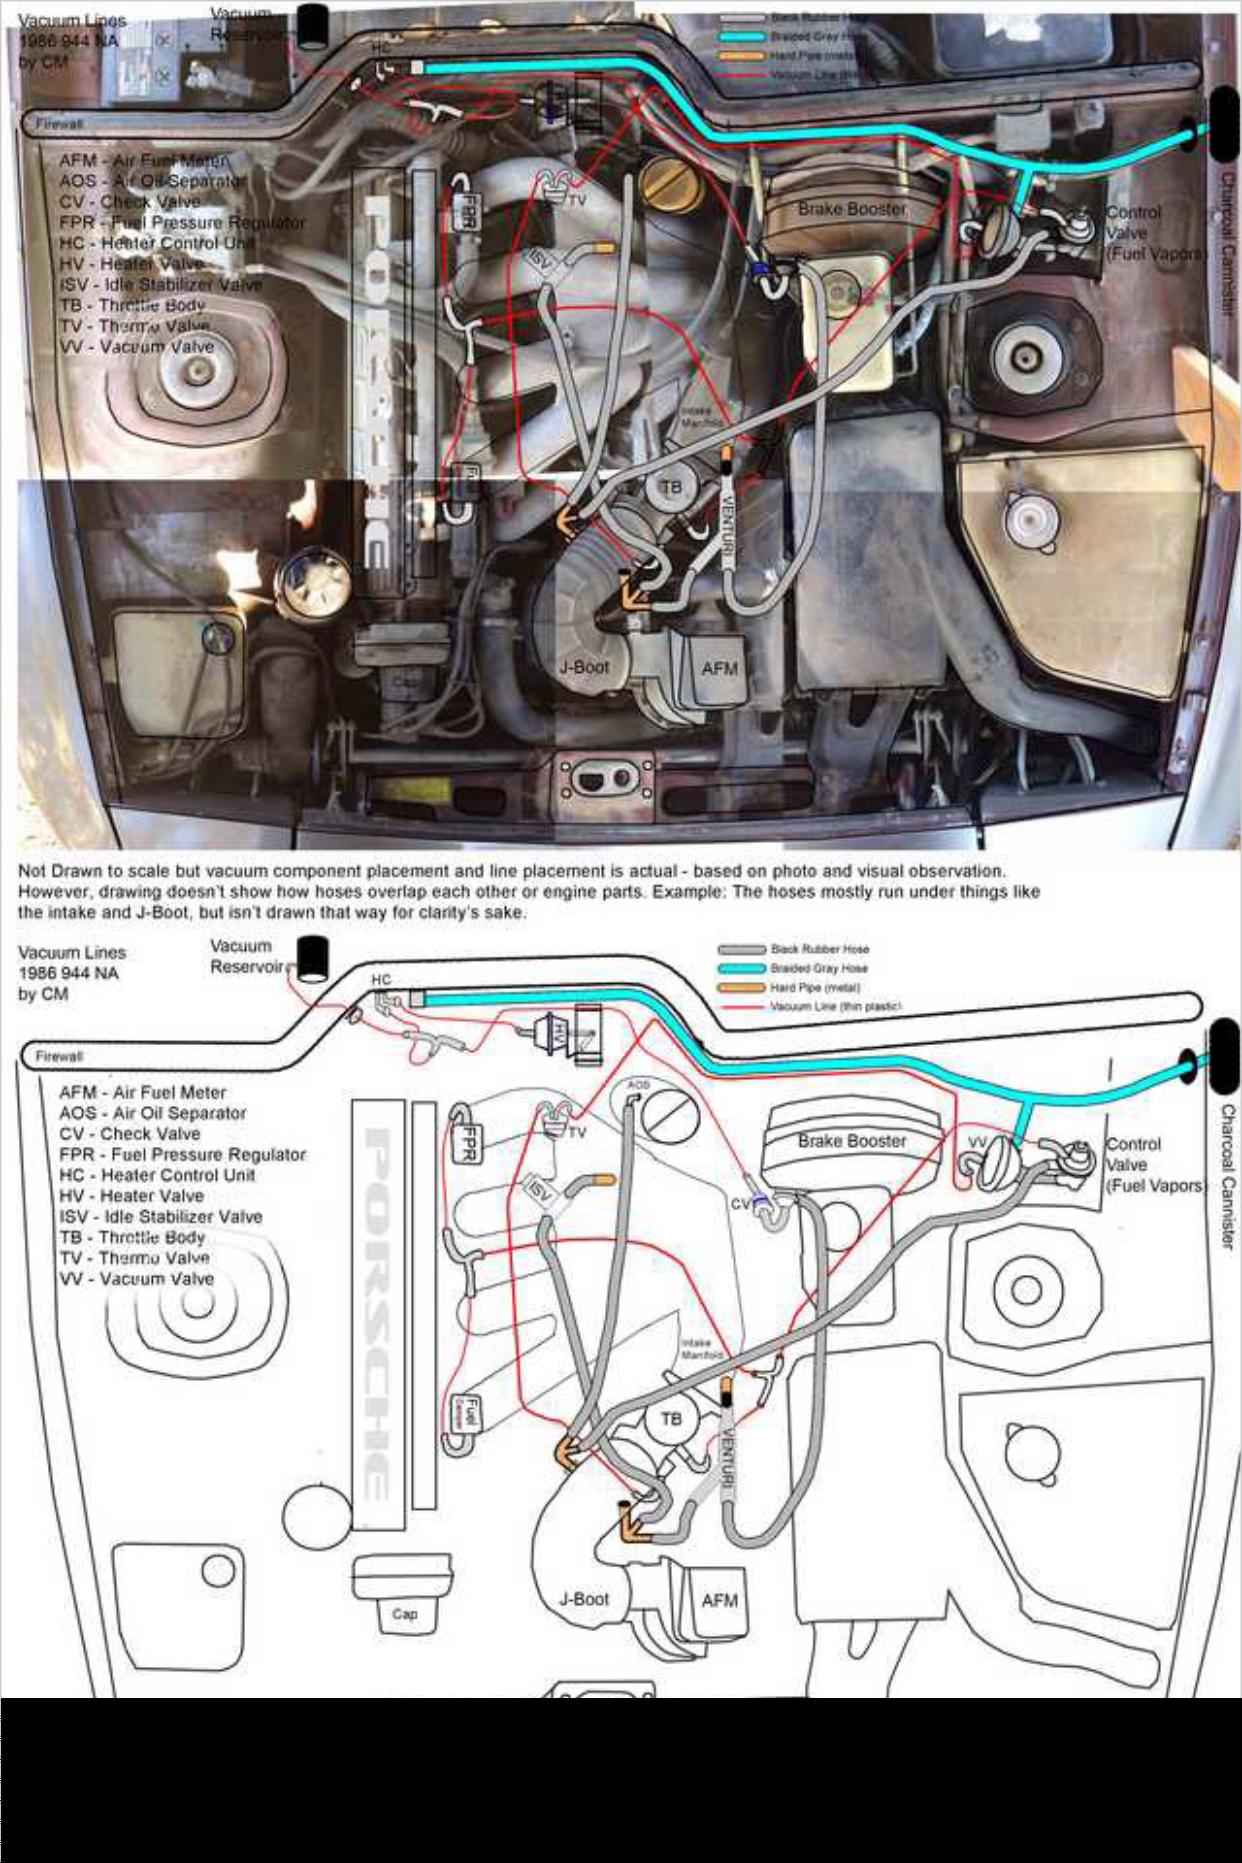 1986 porsche 944 vacuum line diagram overlay [ 1242 x 1863 Pixel ]